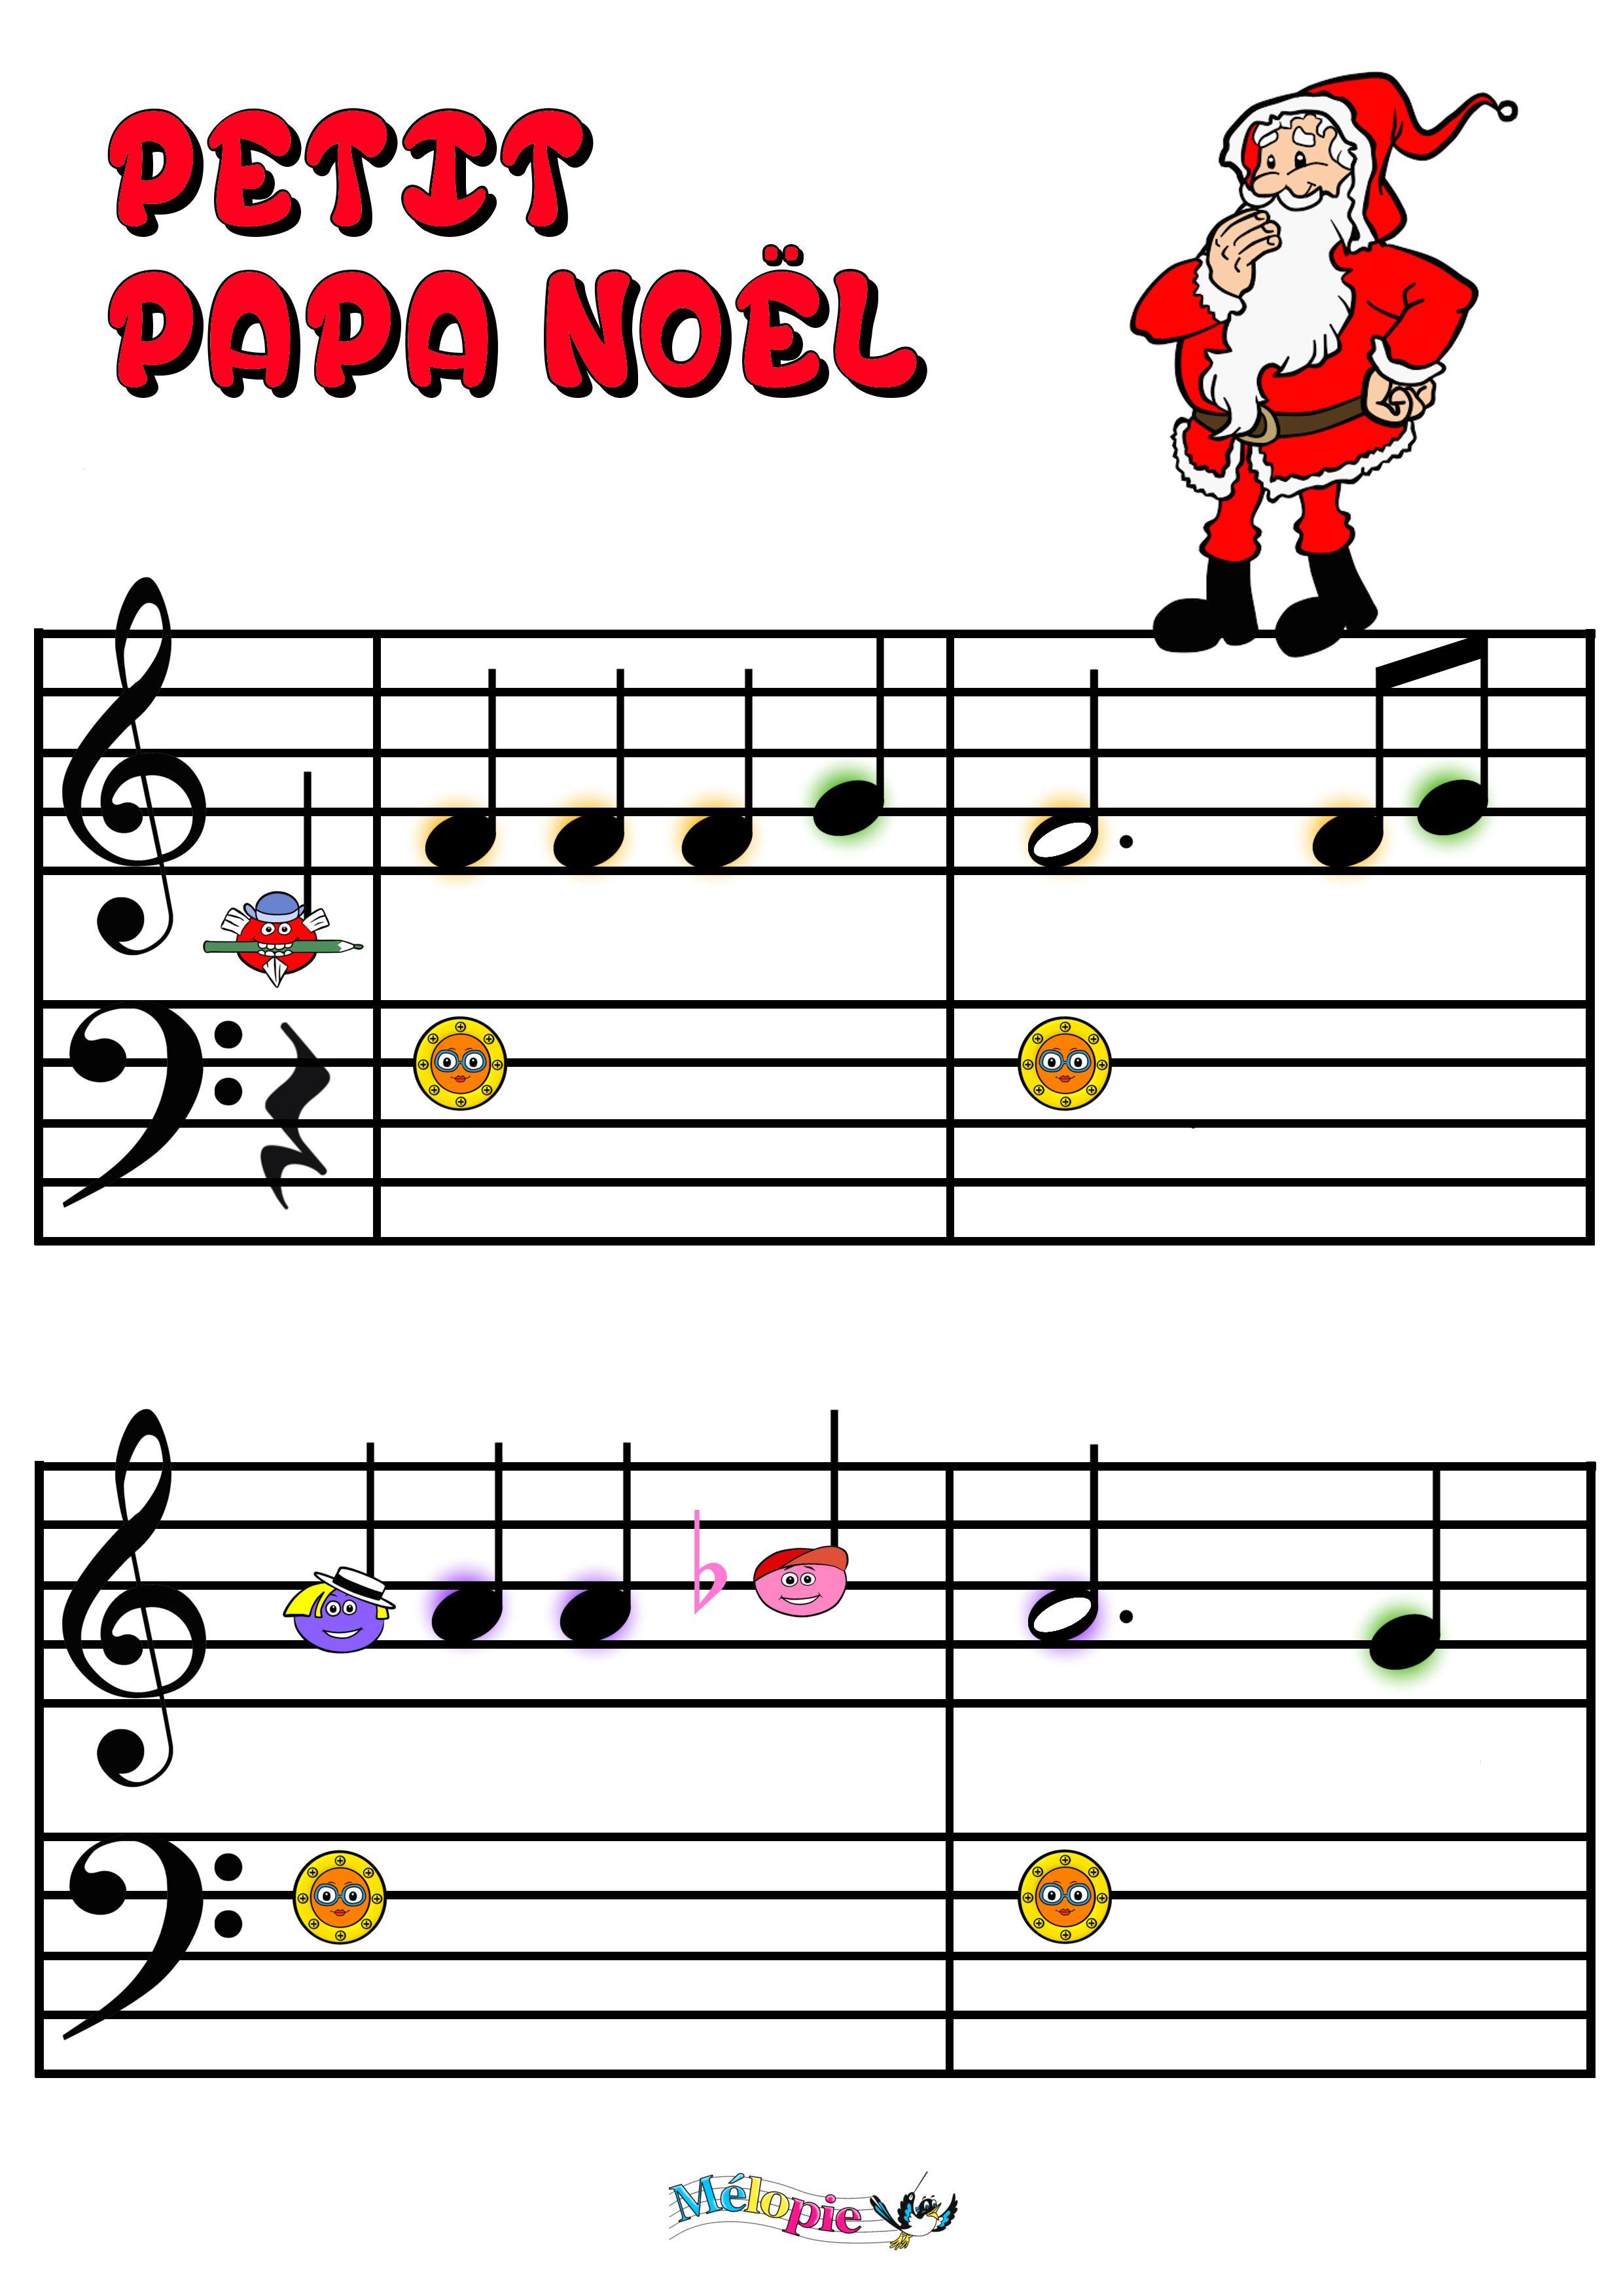 Petit Papa Noël, Partition, Activité, Conte Musical, Chanson avec Petit Papa Noel Video